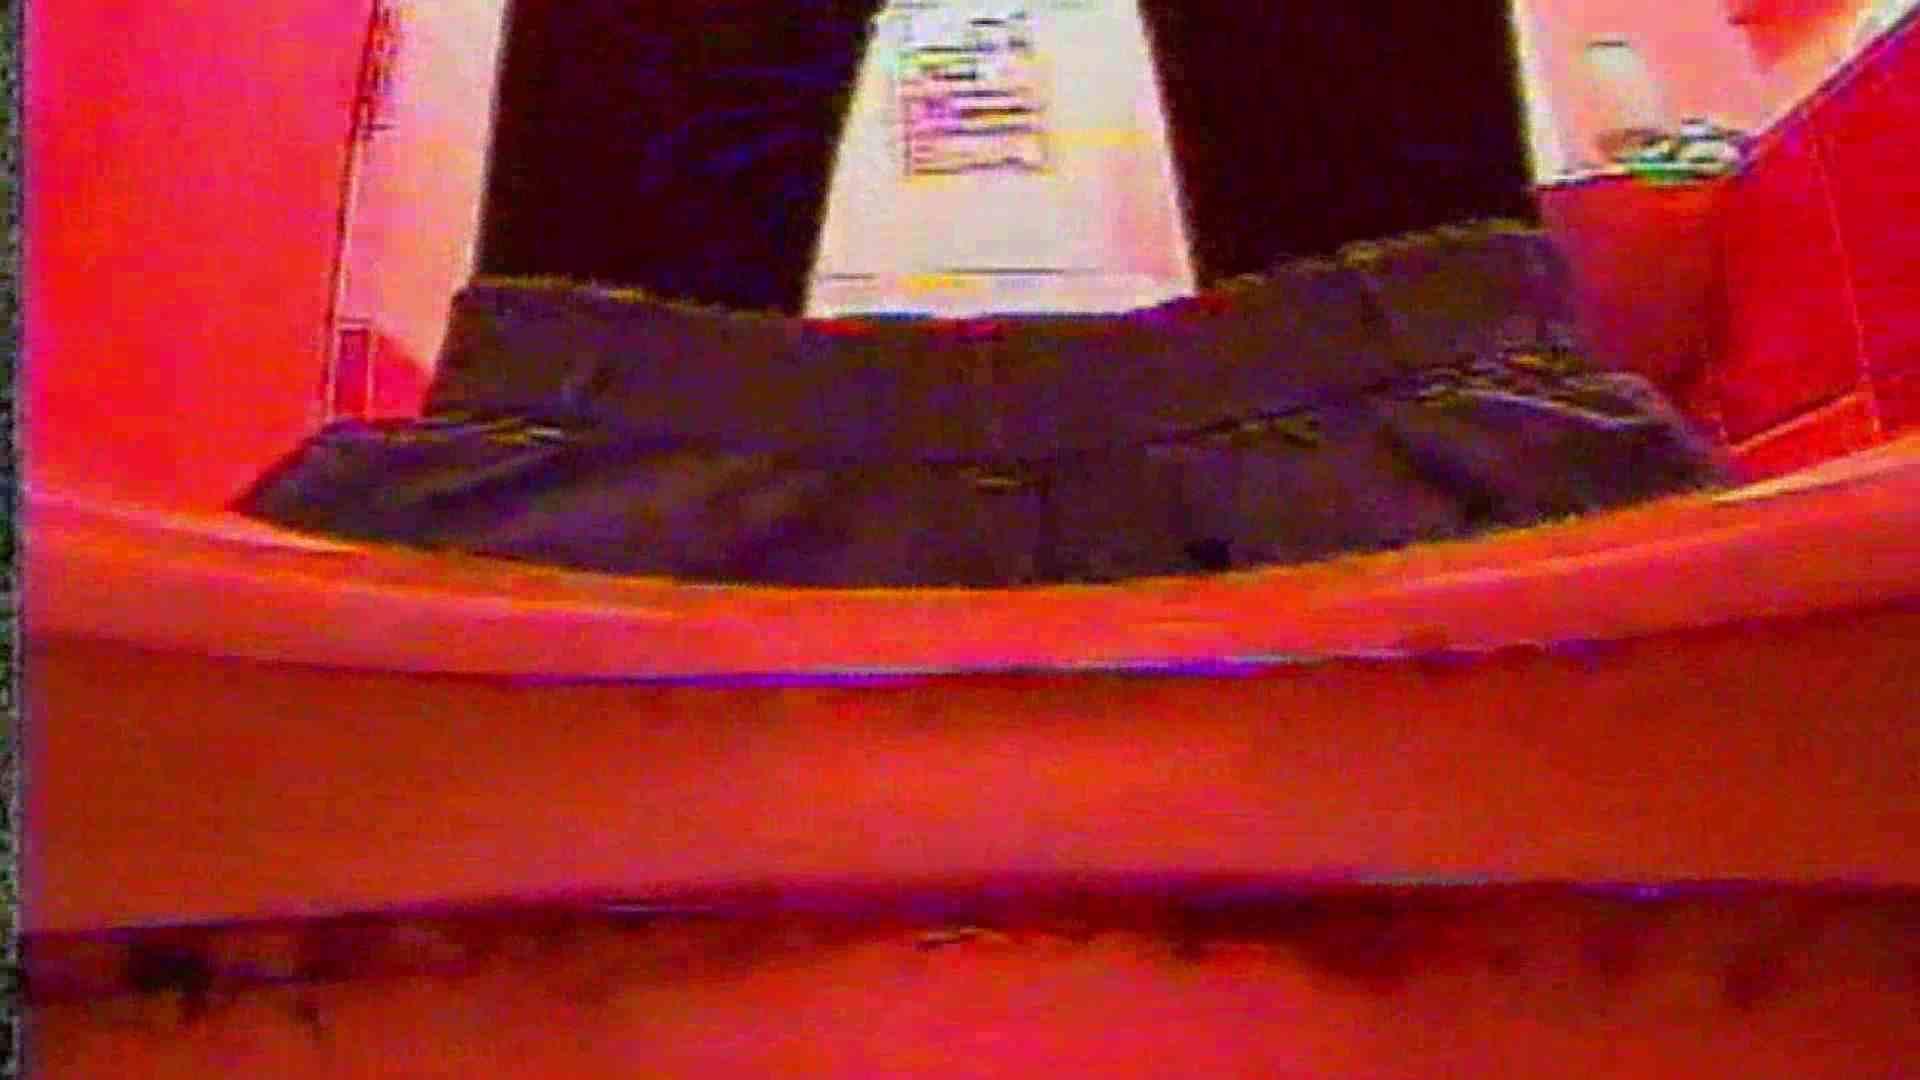 キレカワ女子大生の秘密の洗面所!Vol.049 女子大生H事情 AV動画キャプチャ 74PIX 36